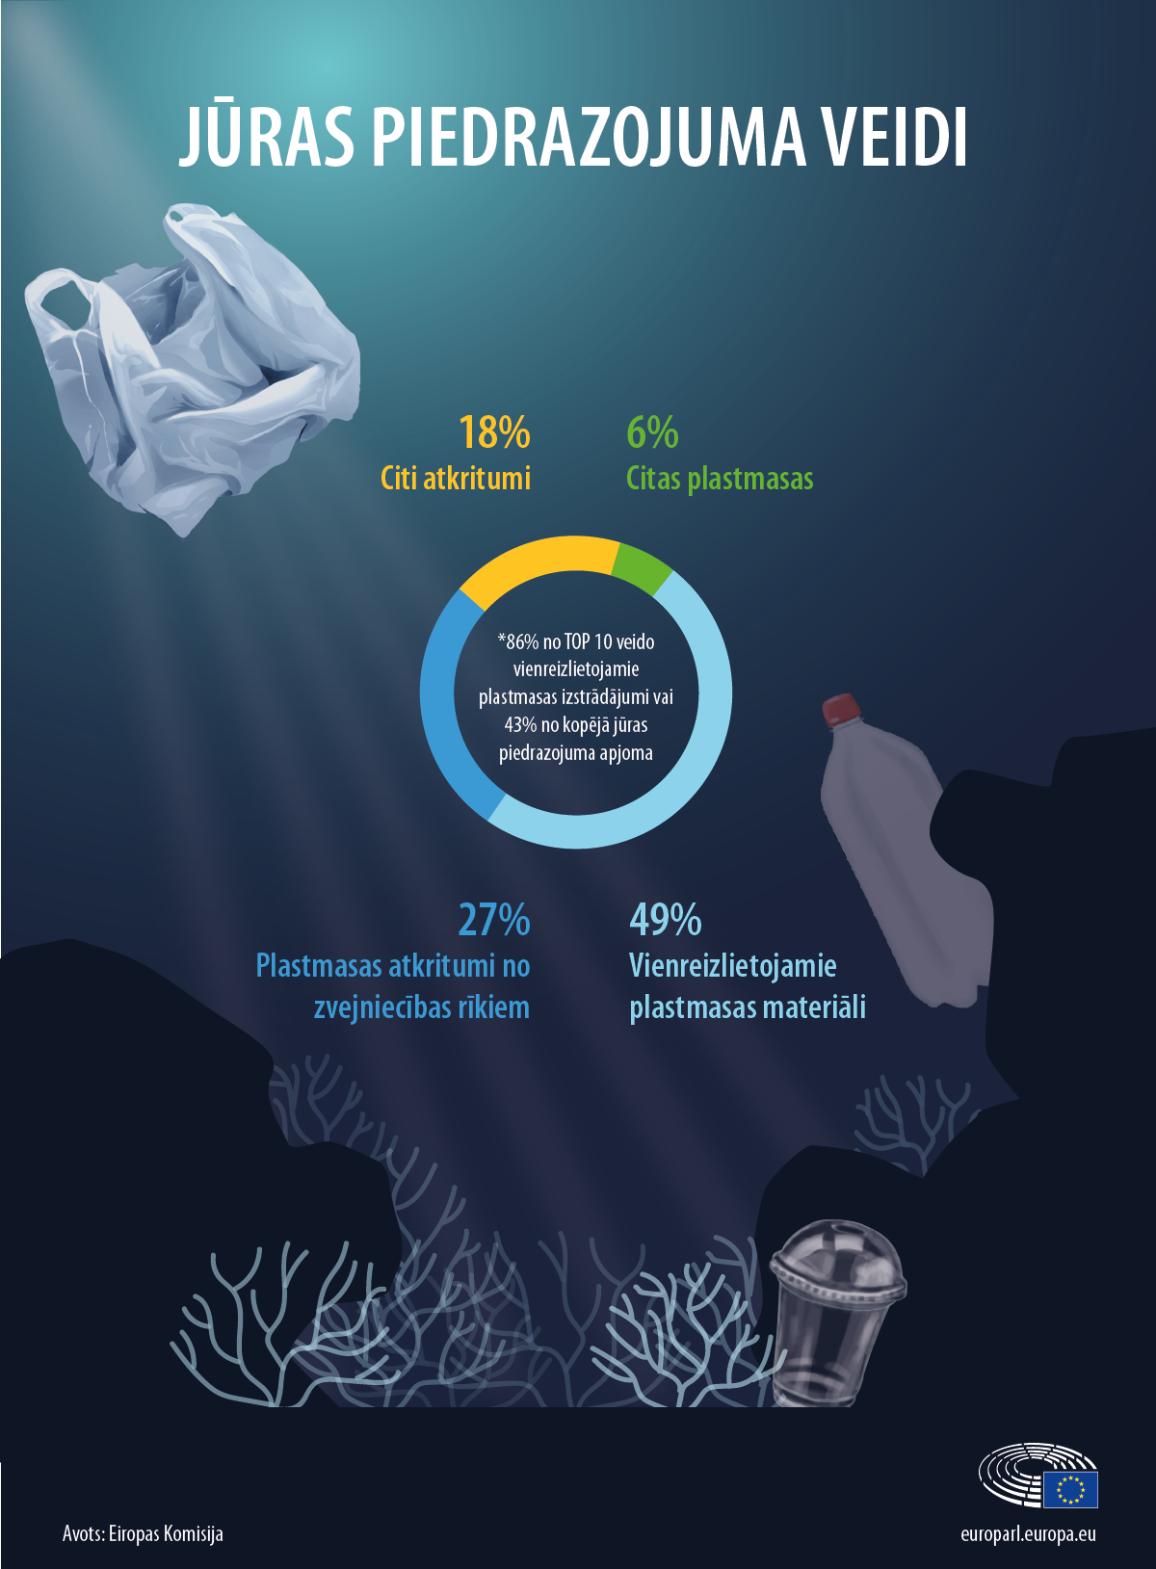 Infografikā 2: jūras piedrazojuma veidi, plastmasas un citu veidi atkritumi.